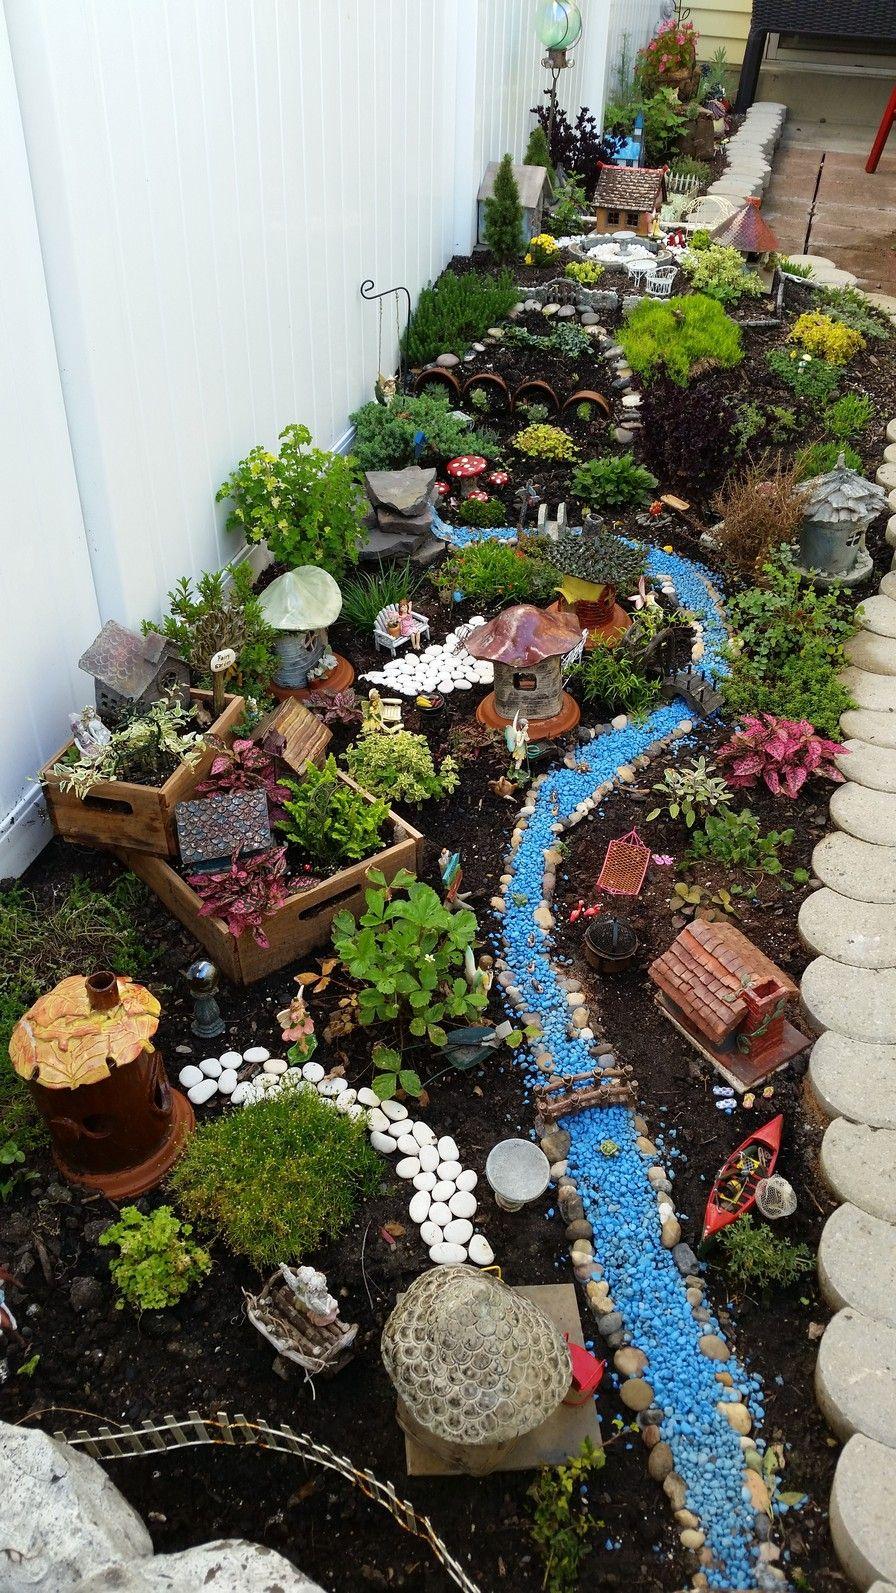 Container Gardening image by Marianne Sans Fairy garden